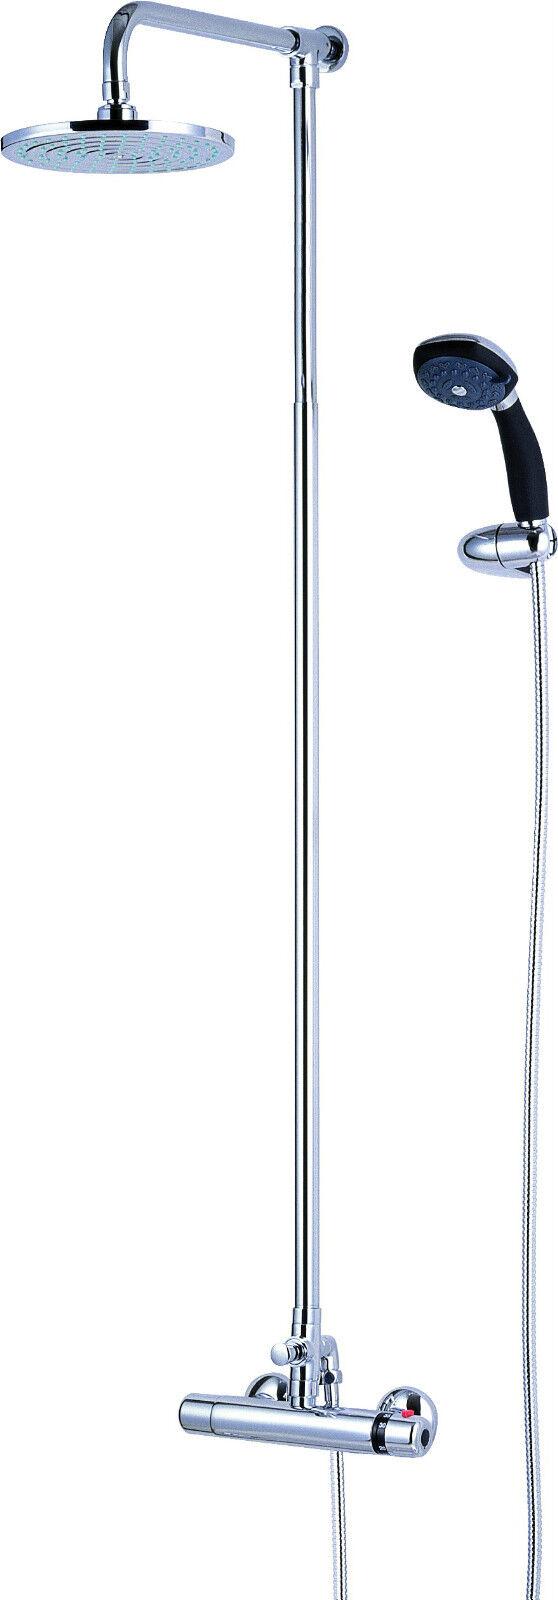 Dusche Thermostat mit Handbrause und Duschkopf. Thermostat Duscharmatur (SH052)   Schönes Aussehen    Leicht zu reinigende Oberfläche    Spielzeugwelt, spielen Sie Ihre eigene Welt    Spielen Sie Leidenschaft, spielen Sie die Ernte, spielen Sie die Wel